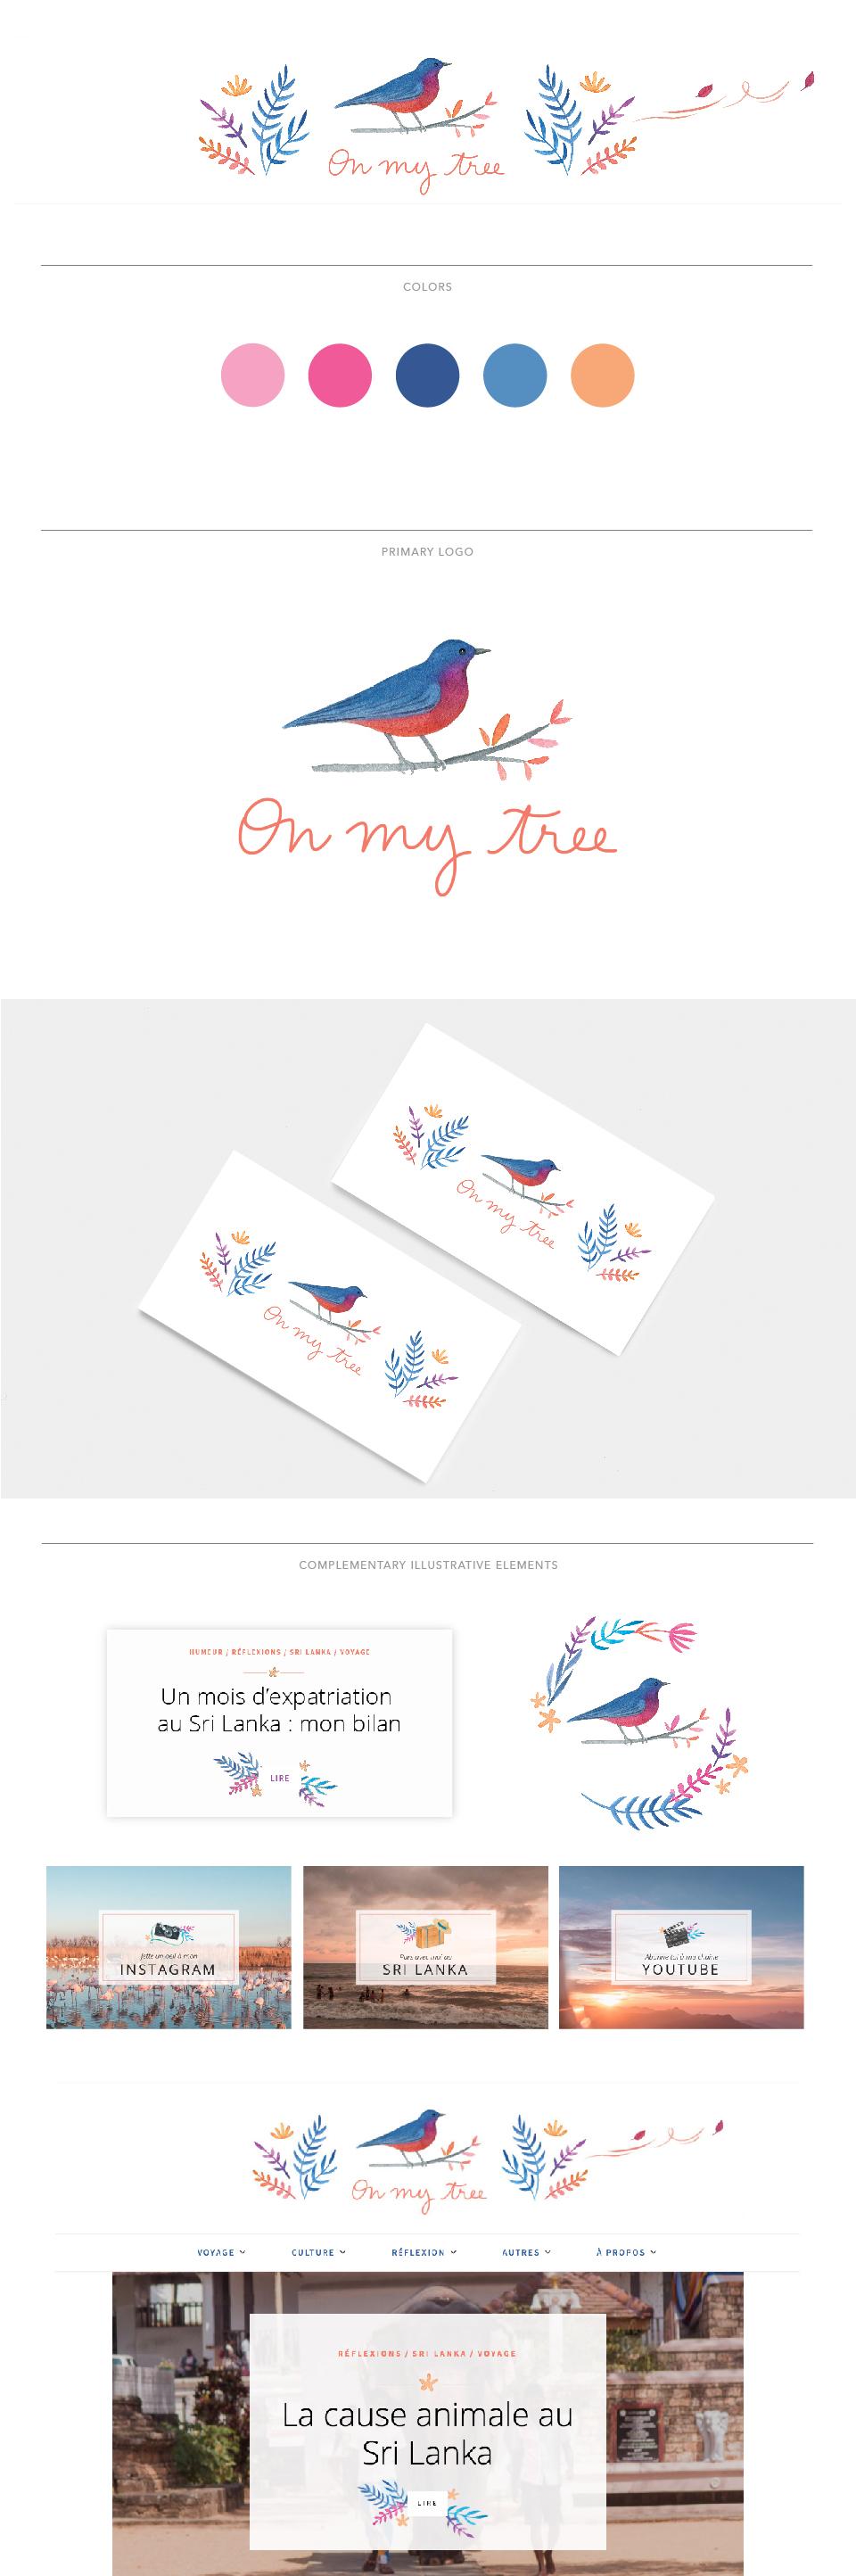 presentation branding onmytree-06.jpg